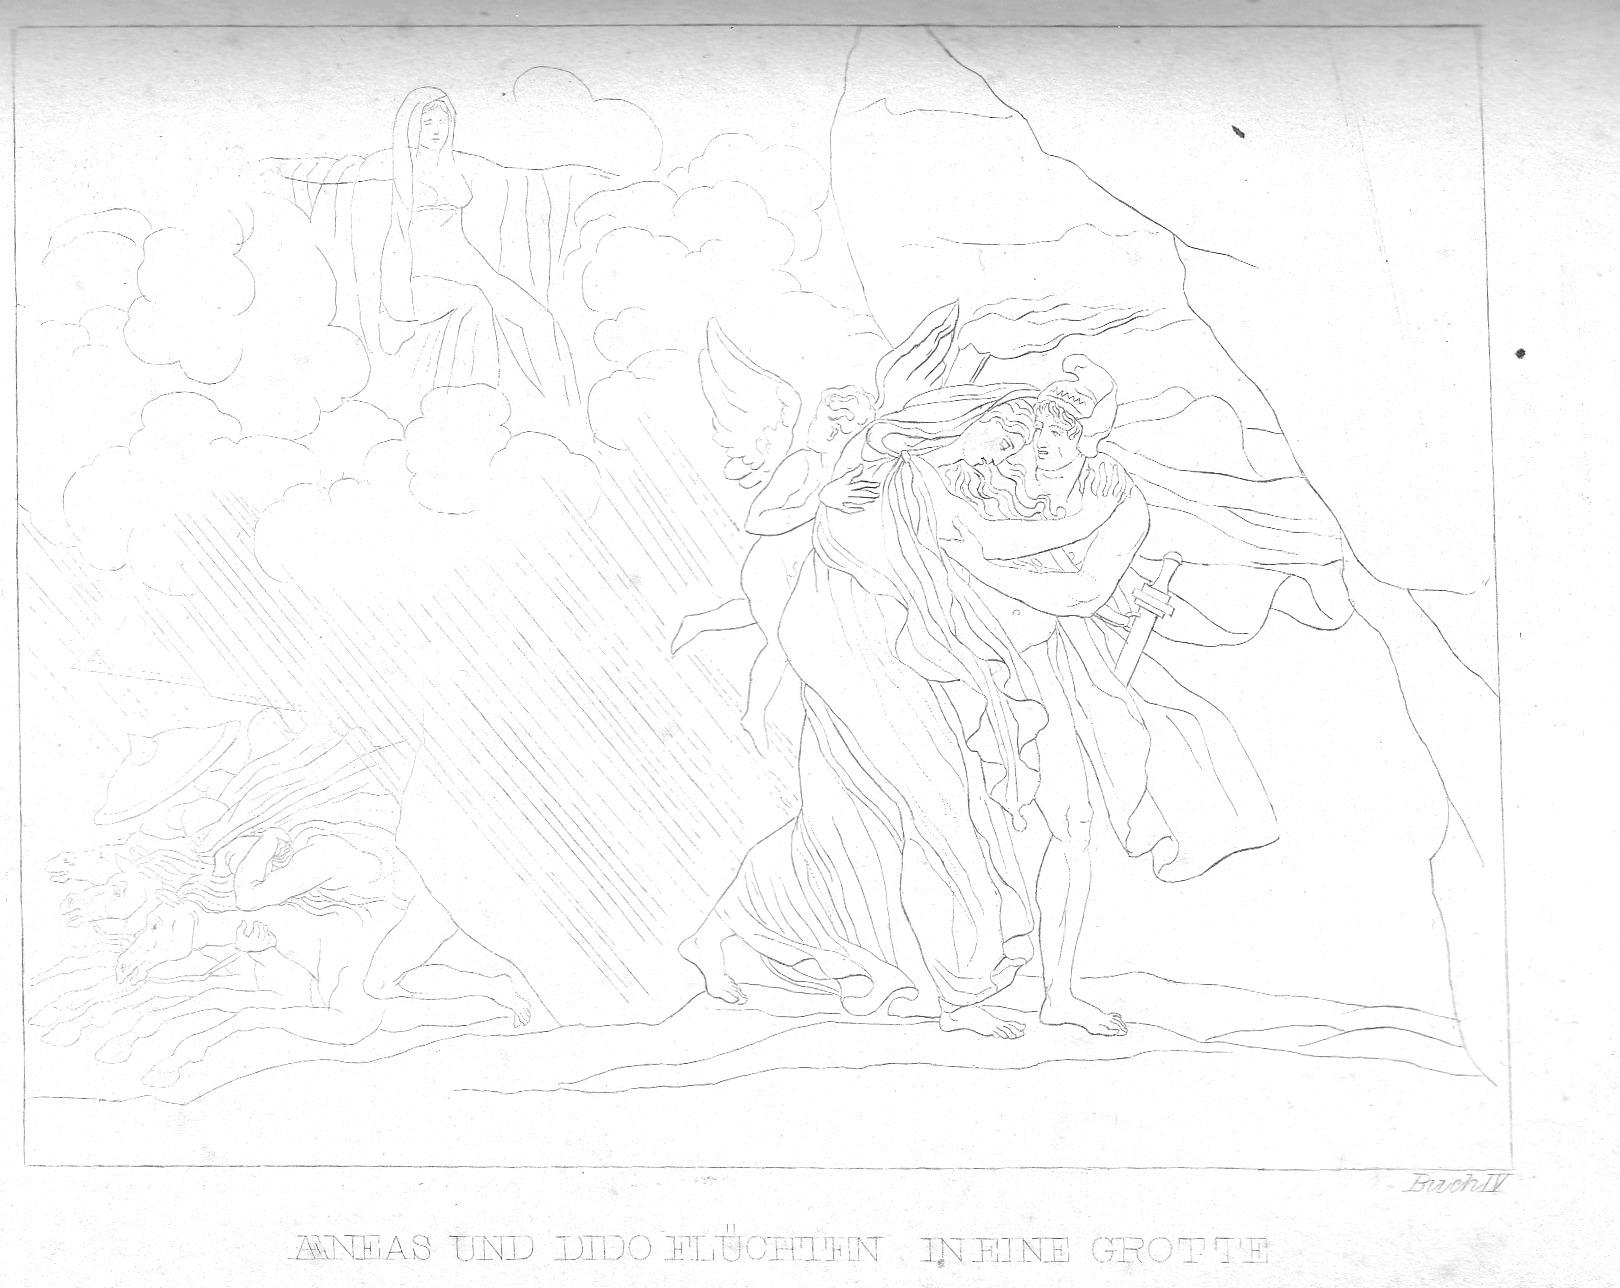 Aeneas und Dido gehen in die Grotte (großes Bild)